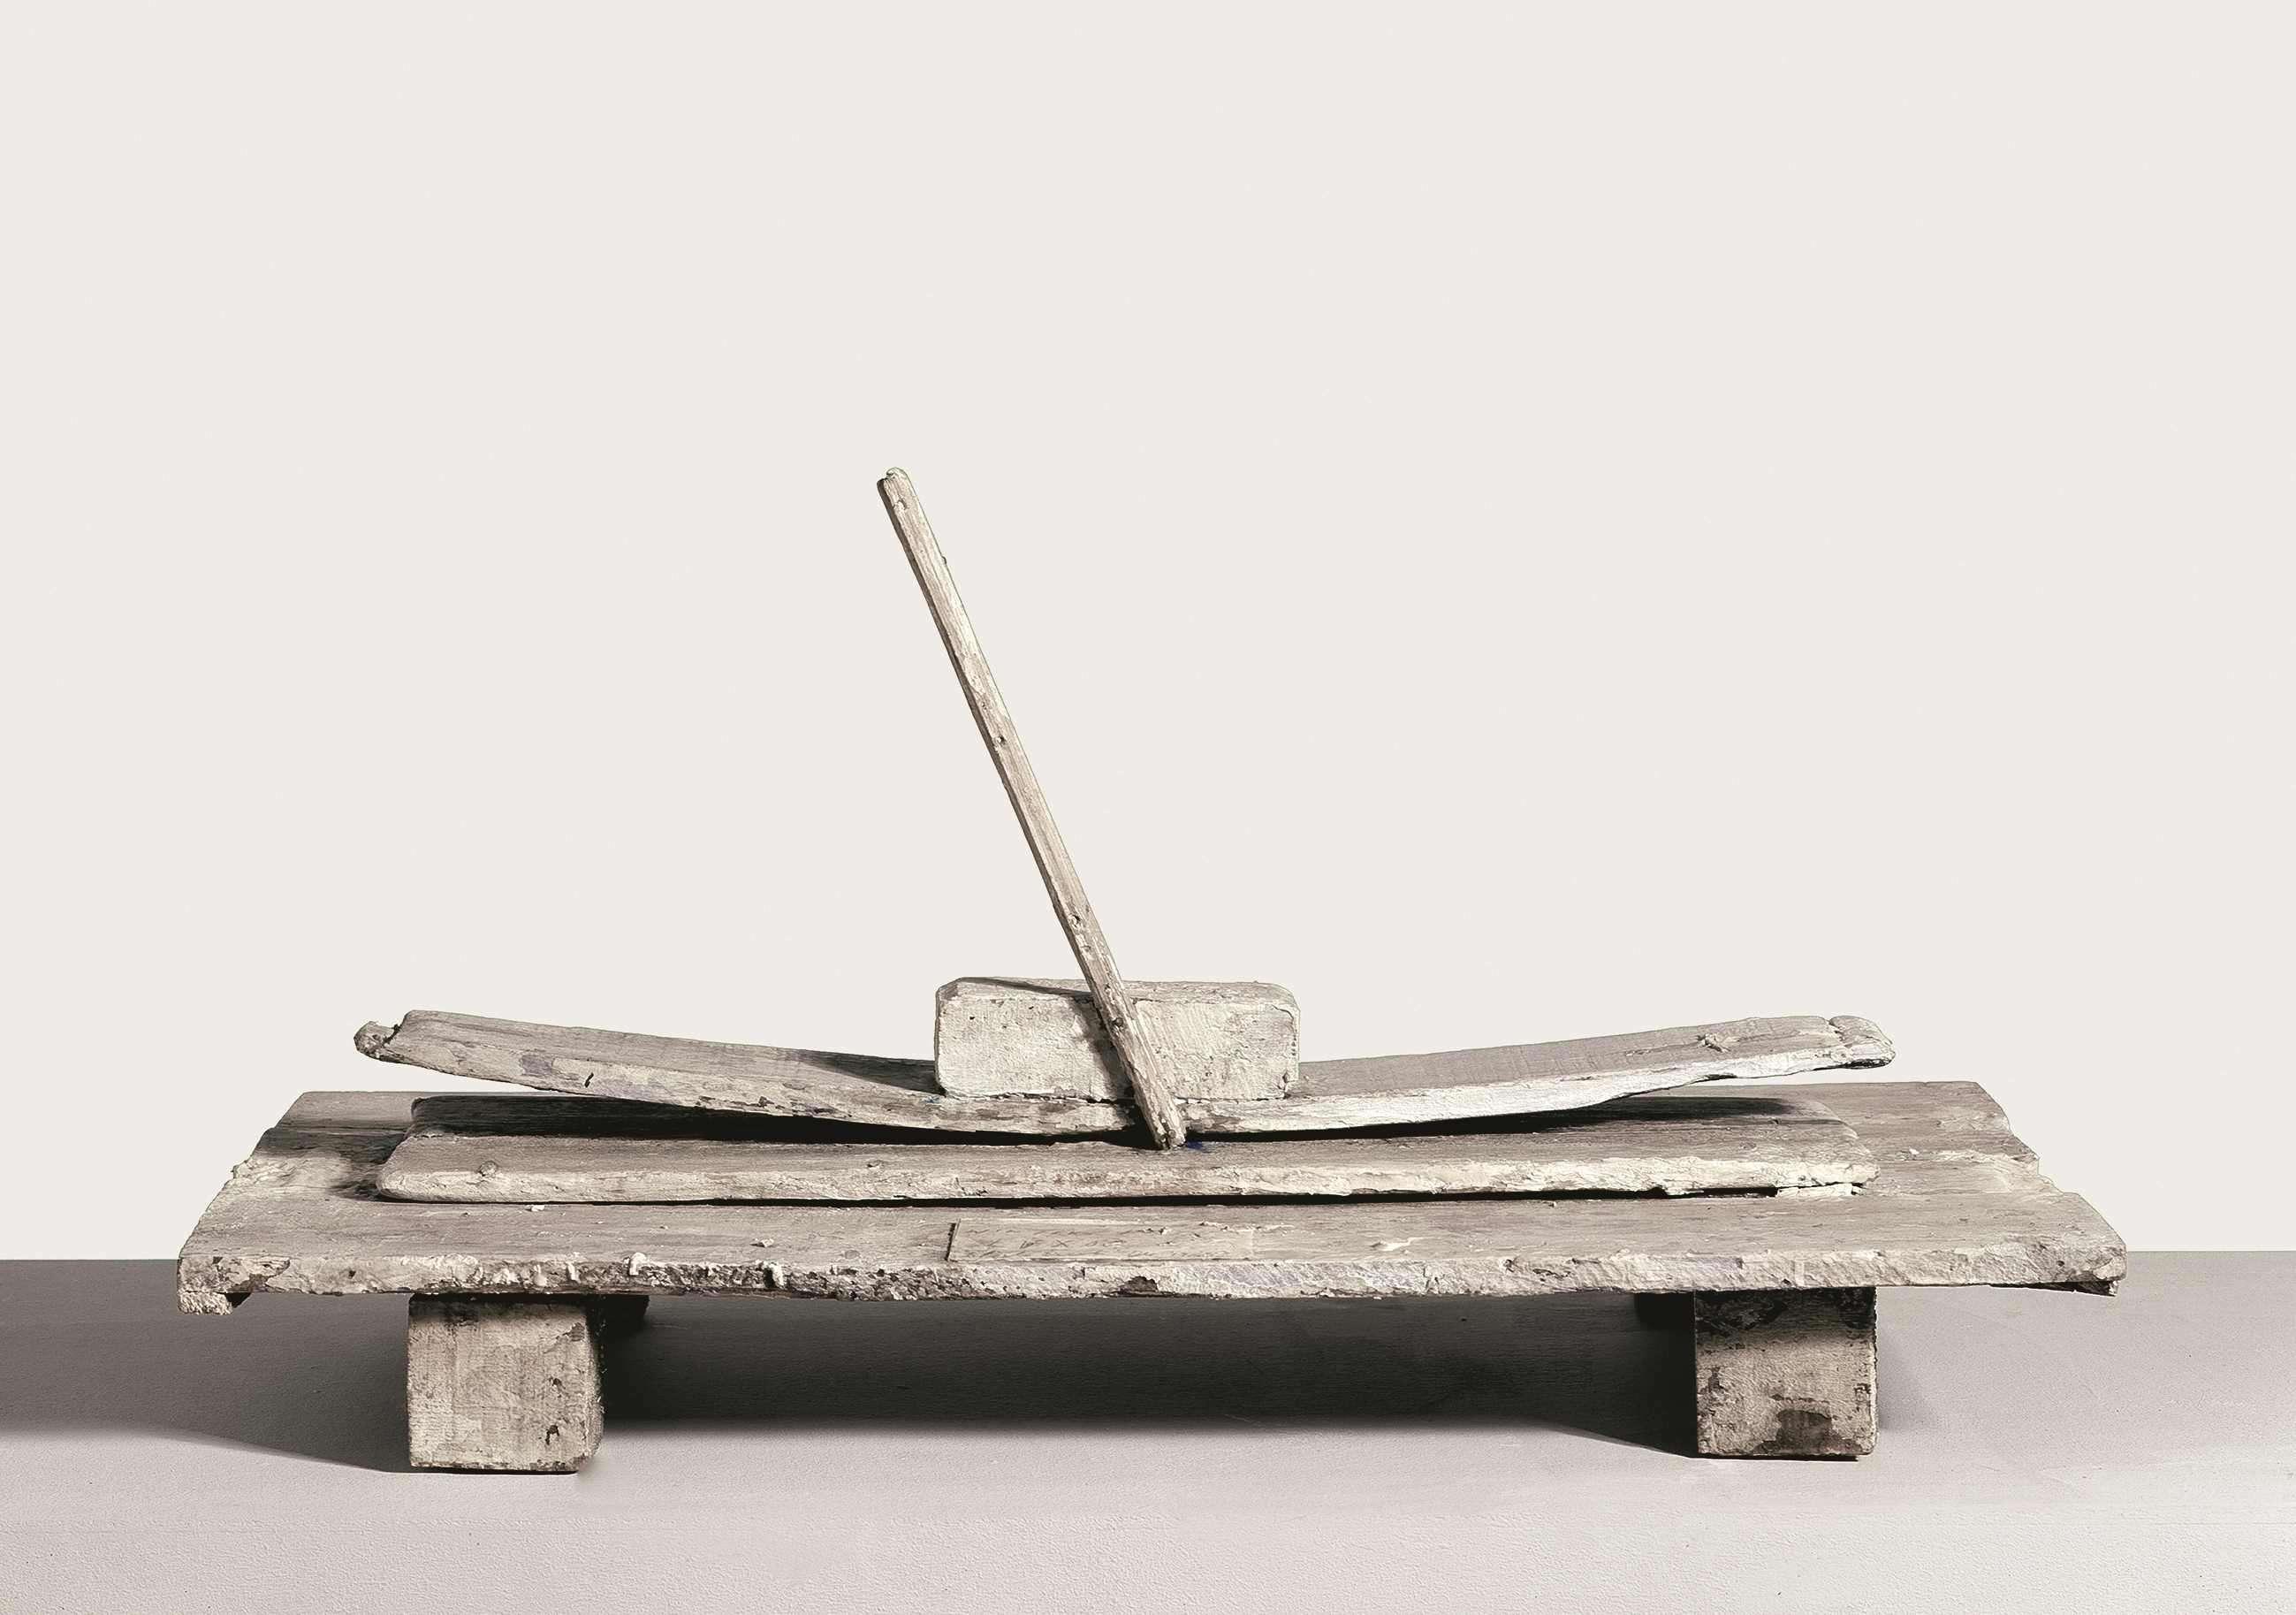 """«Les sculptures de Cy Twombly sont des assemblages d'objets de rebut réunis par un badigeon blanc. """"La peinture blanche est mon marbre"""", confiait Cy Twombly à l'historien de l'art, David Sylvester.»"""